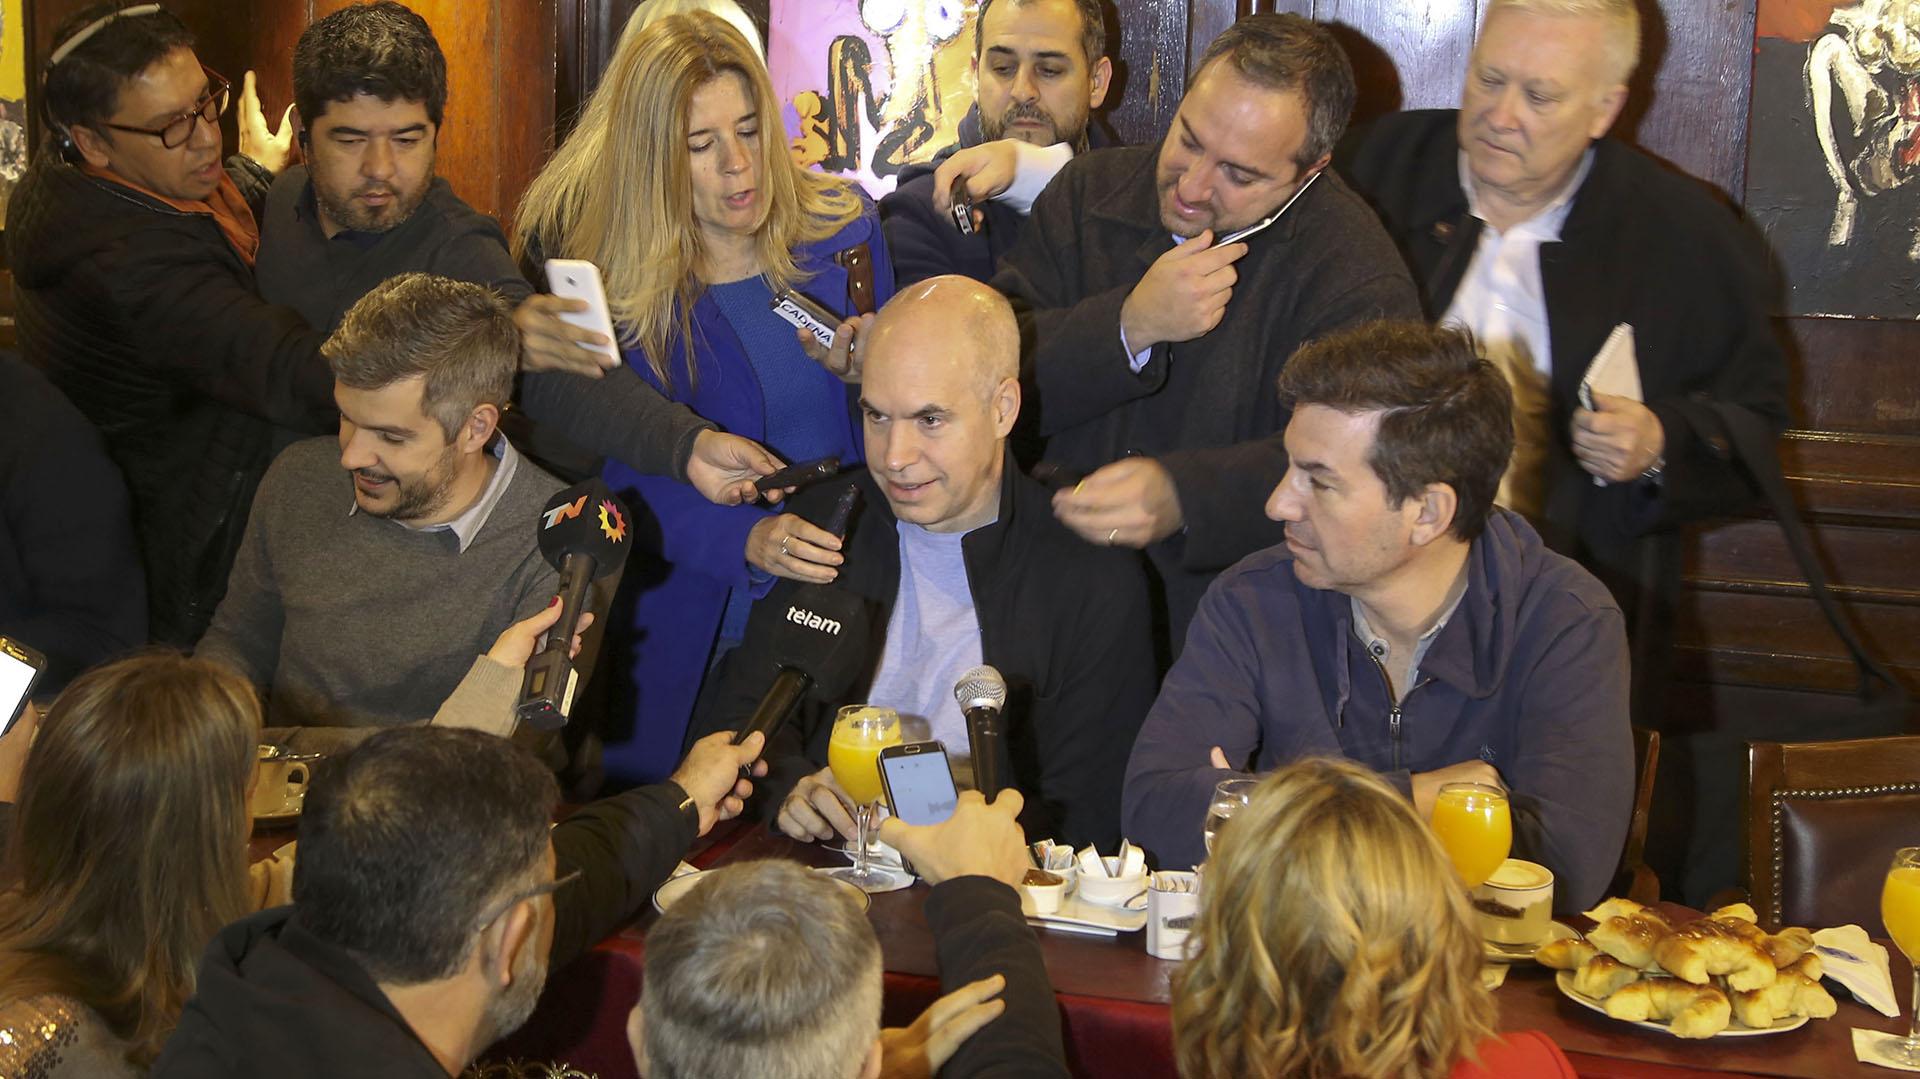 El jefe de gobierno porteño, Horacio Rodríguez Larreta, y el jefe de Gabinete, Marcos Peña, acompañaron a los precandidatos de la Ciudad